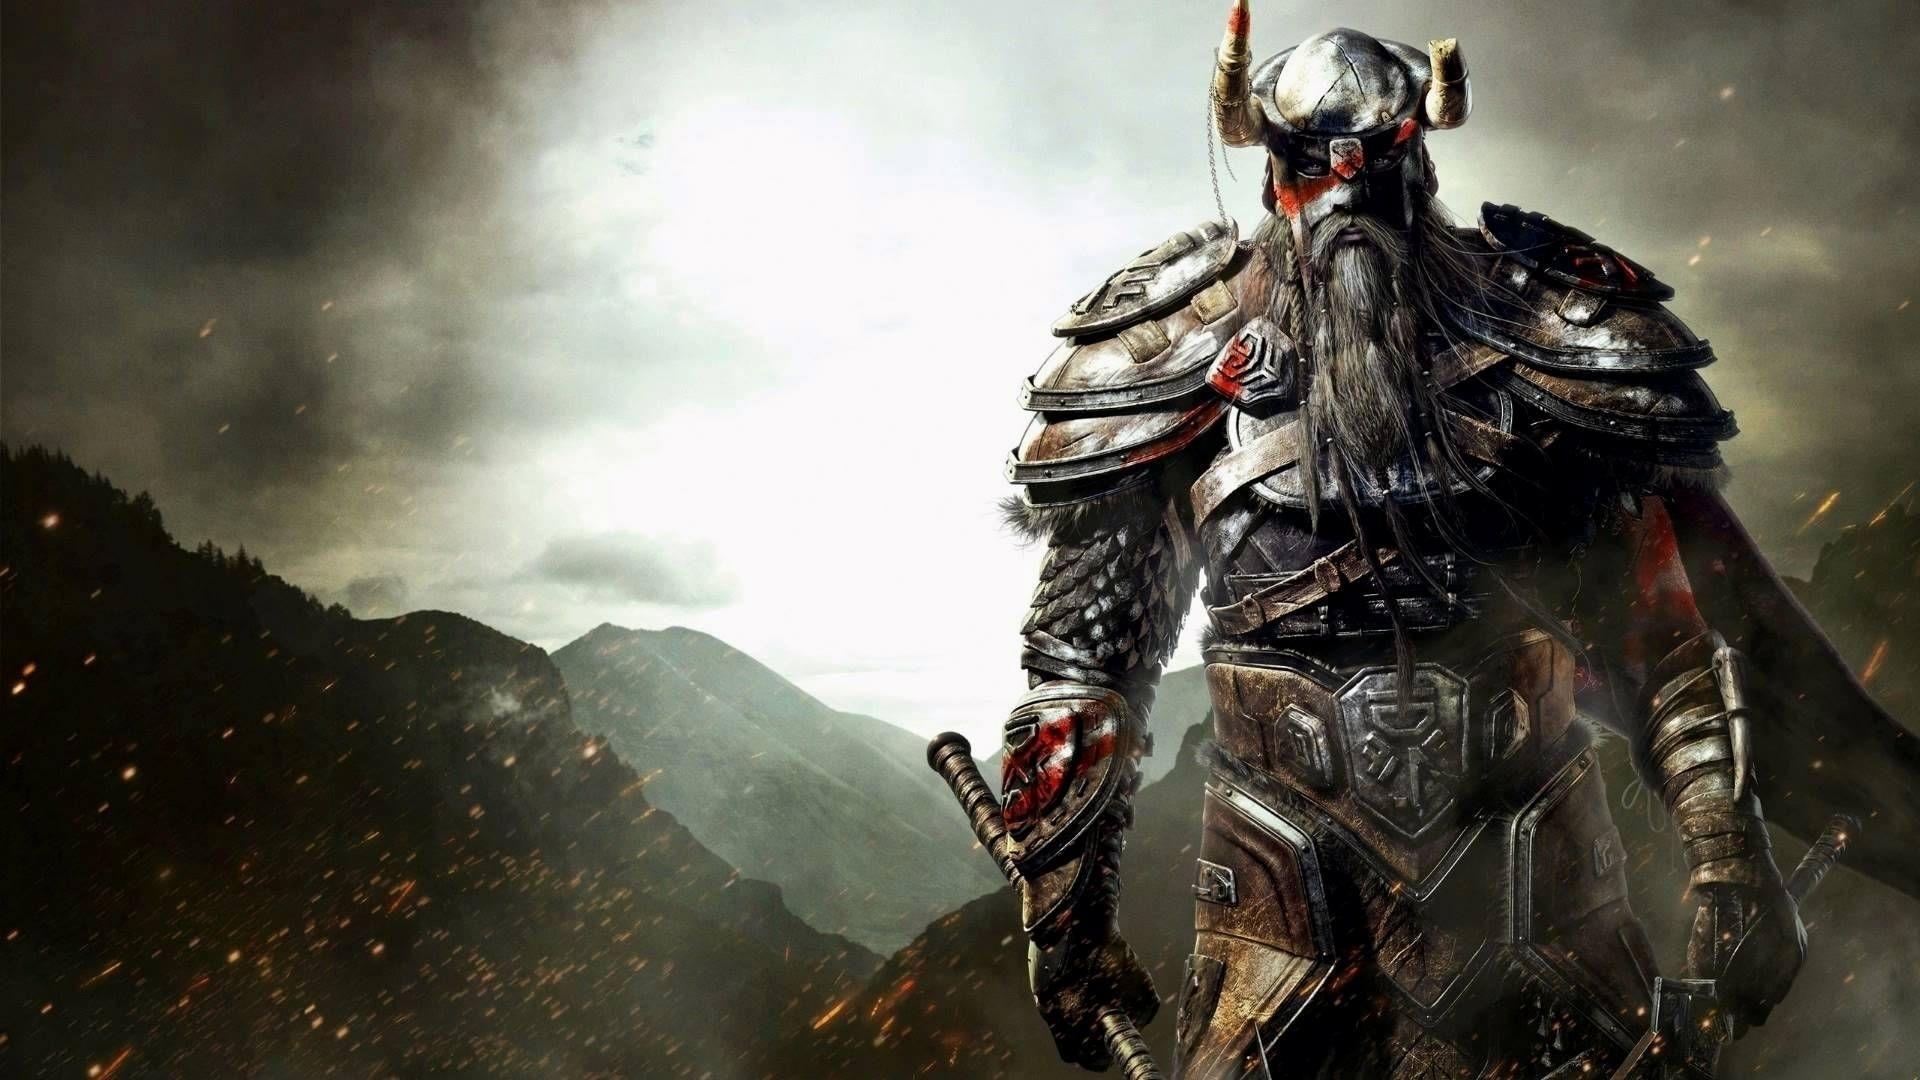 Elder Scrolls Wallpaper image hd